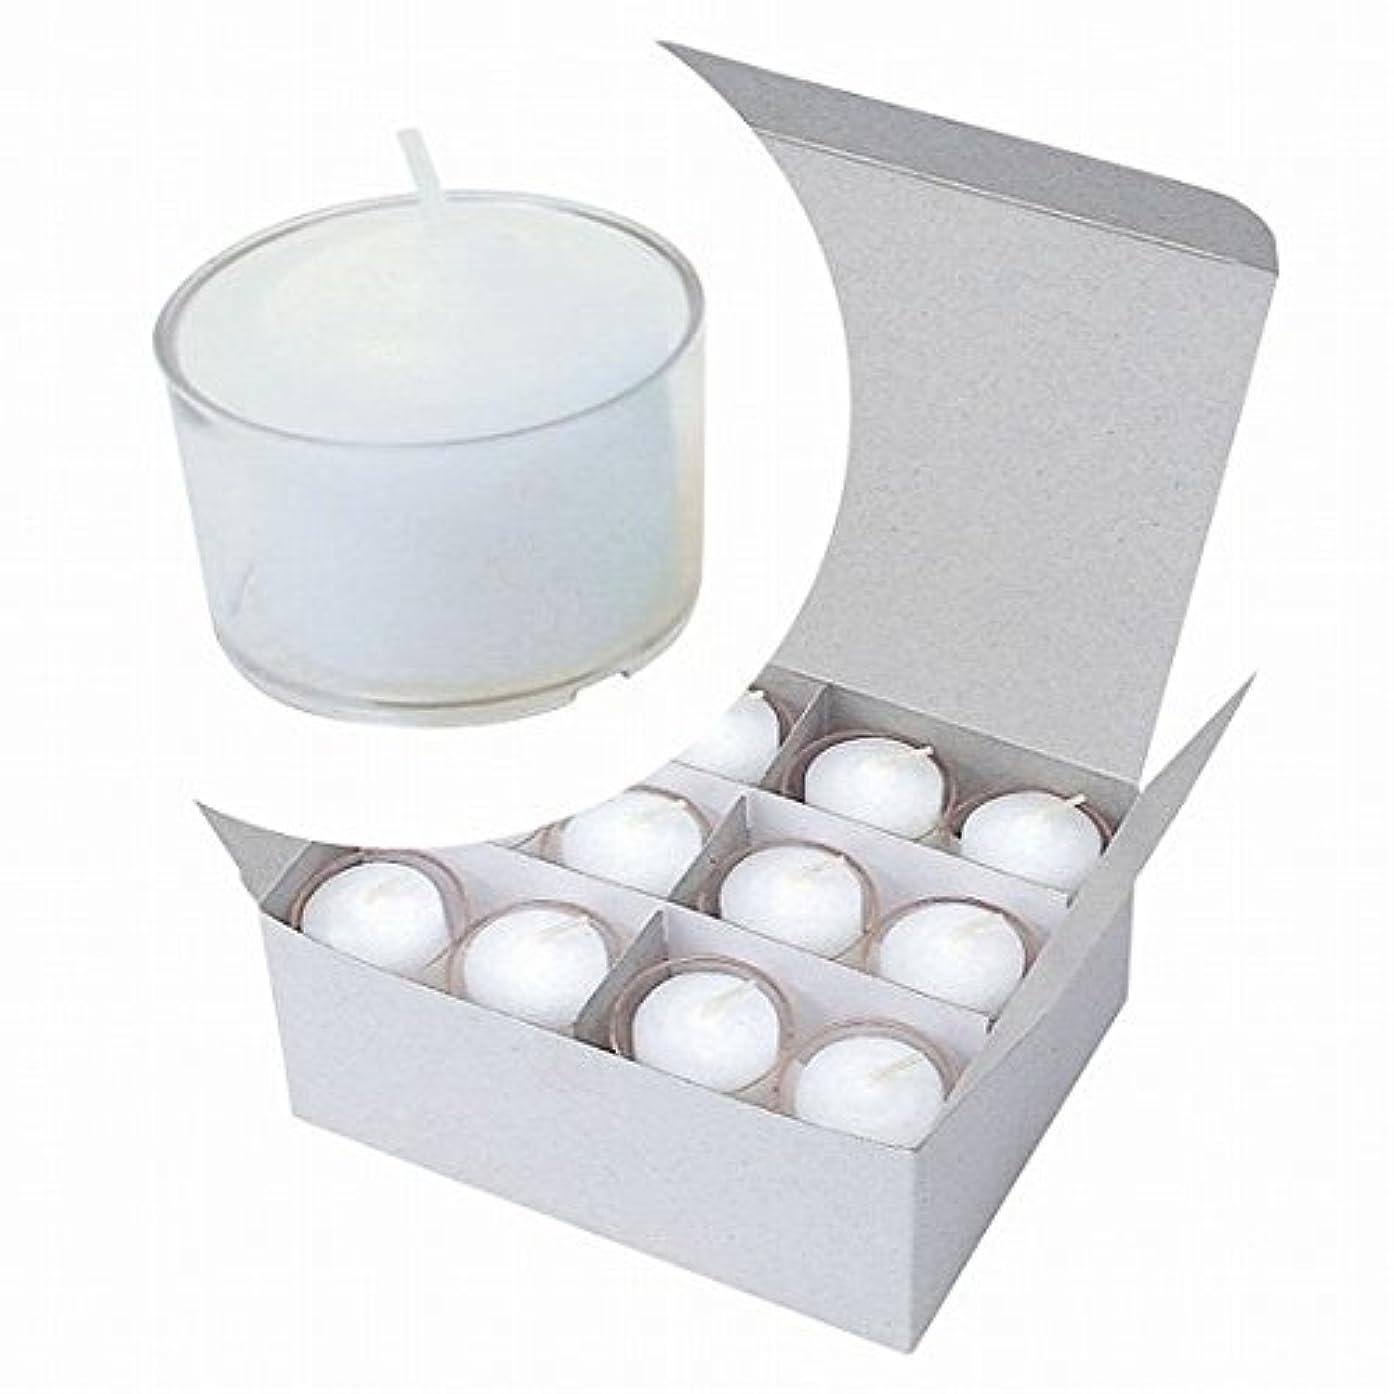 厳ラテン懲戒カメヤマキャンドル(kameyama candle) カラークリアカップボーティブ6時間タイプ 24個入り 「 クリア 」